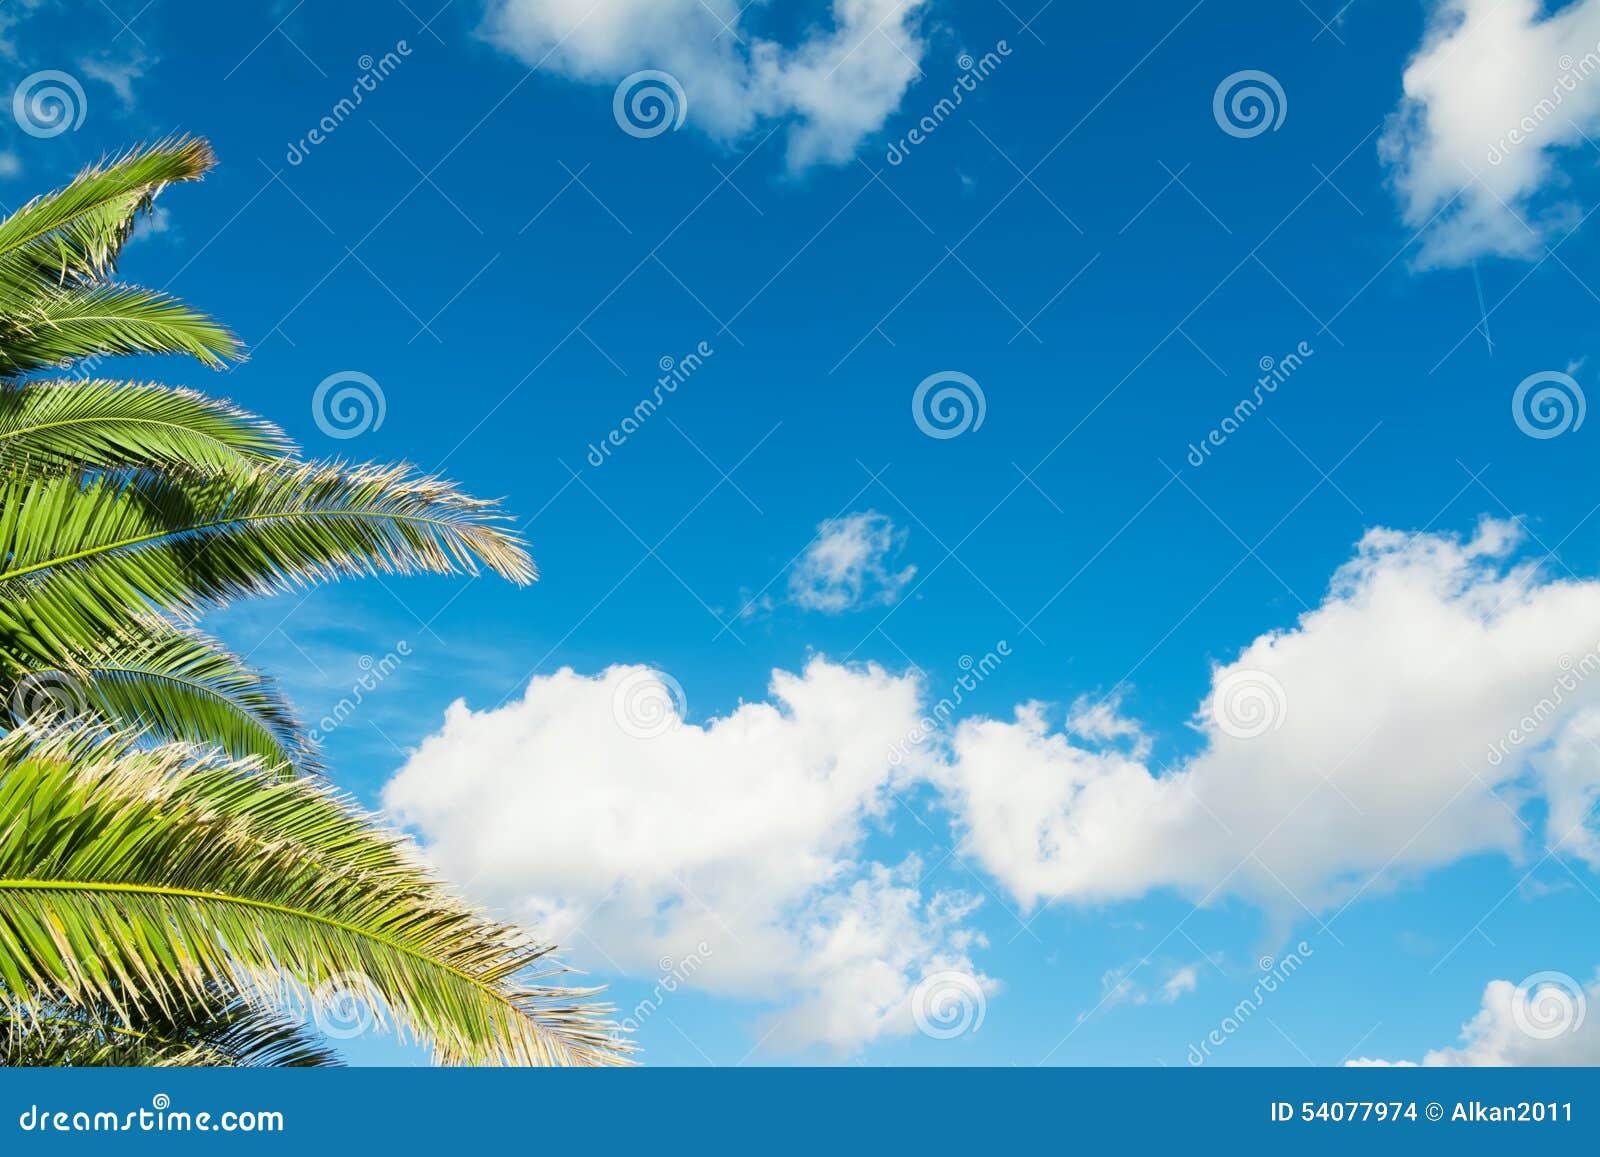 Palmtakken onder een blauwe hemel